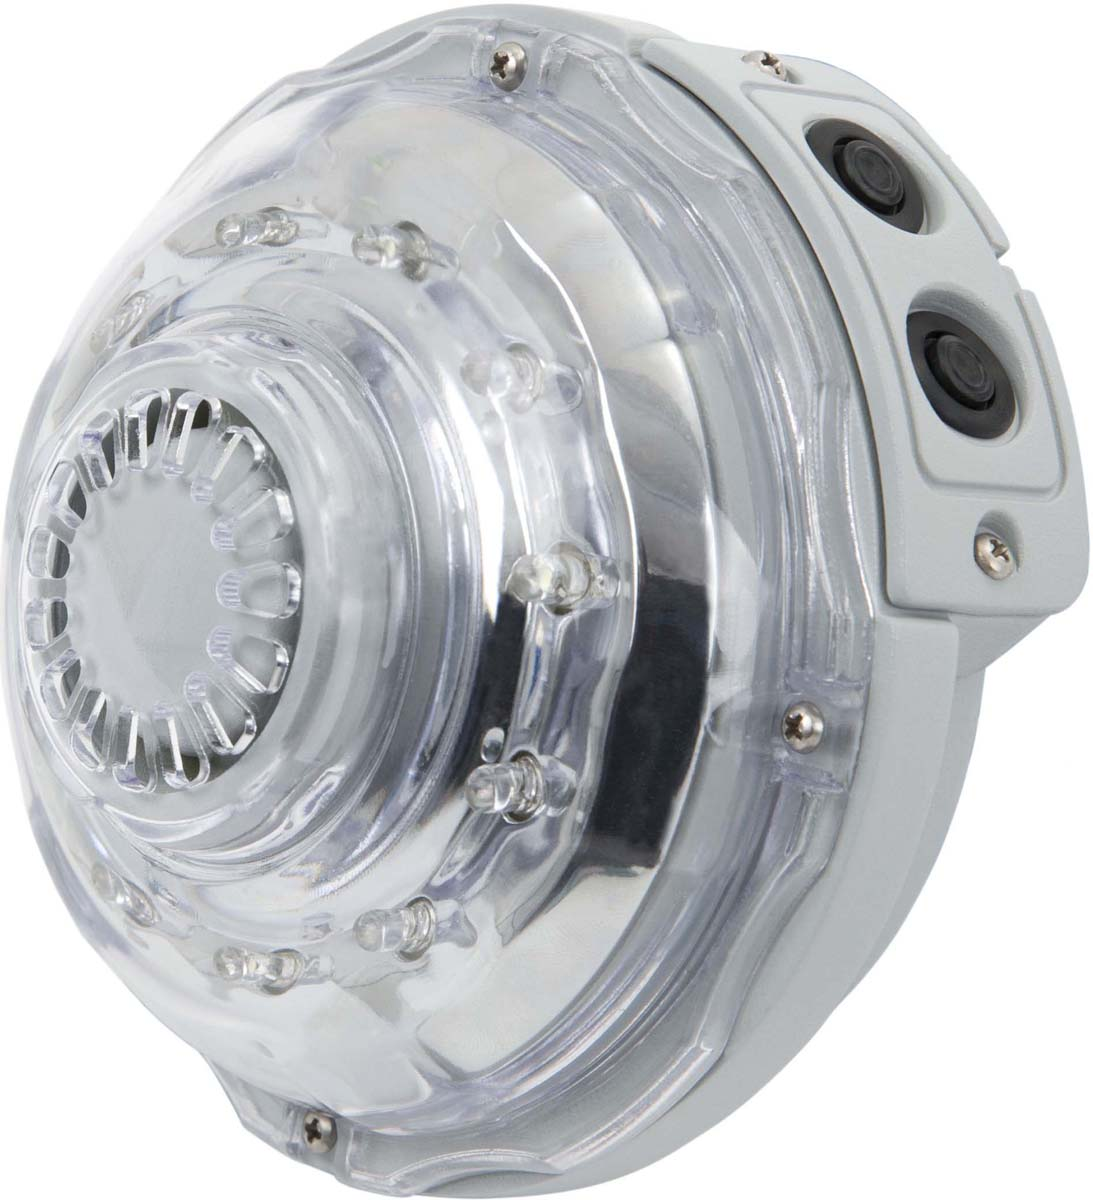 цена на Лампа для спа Intex. С28504